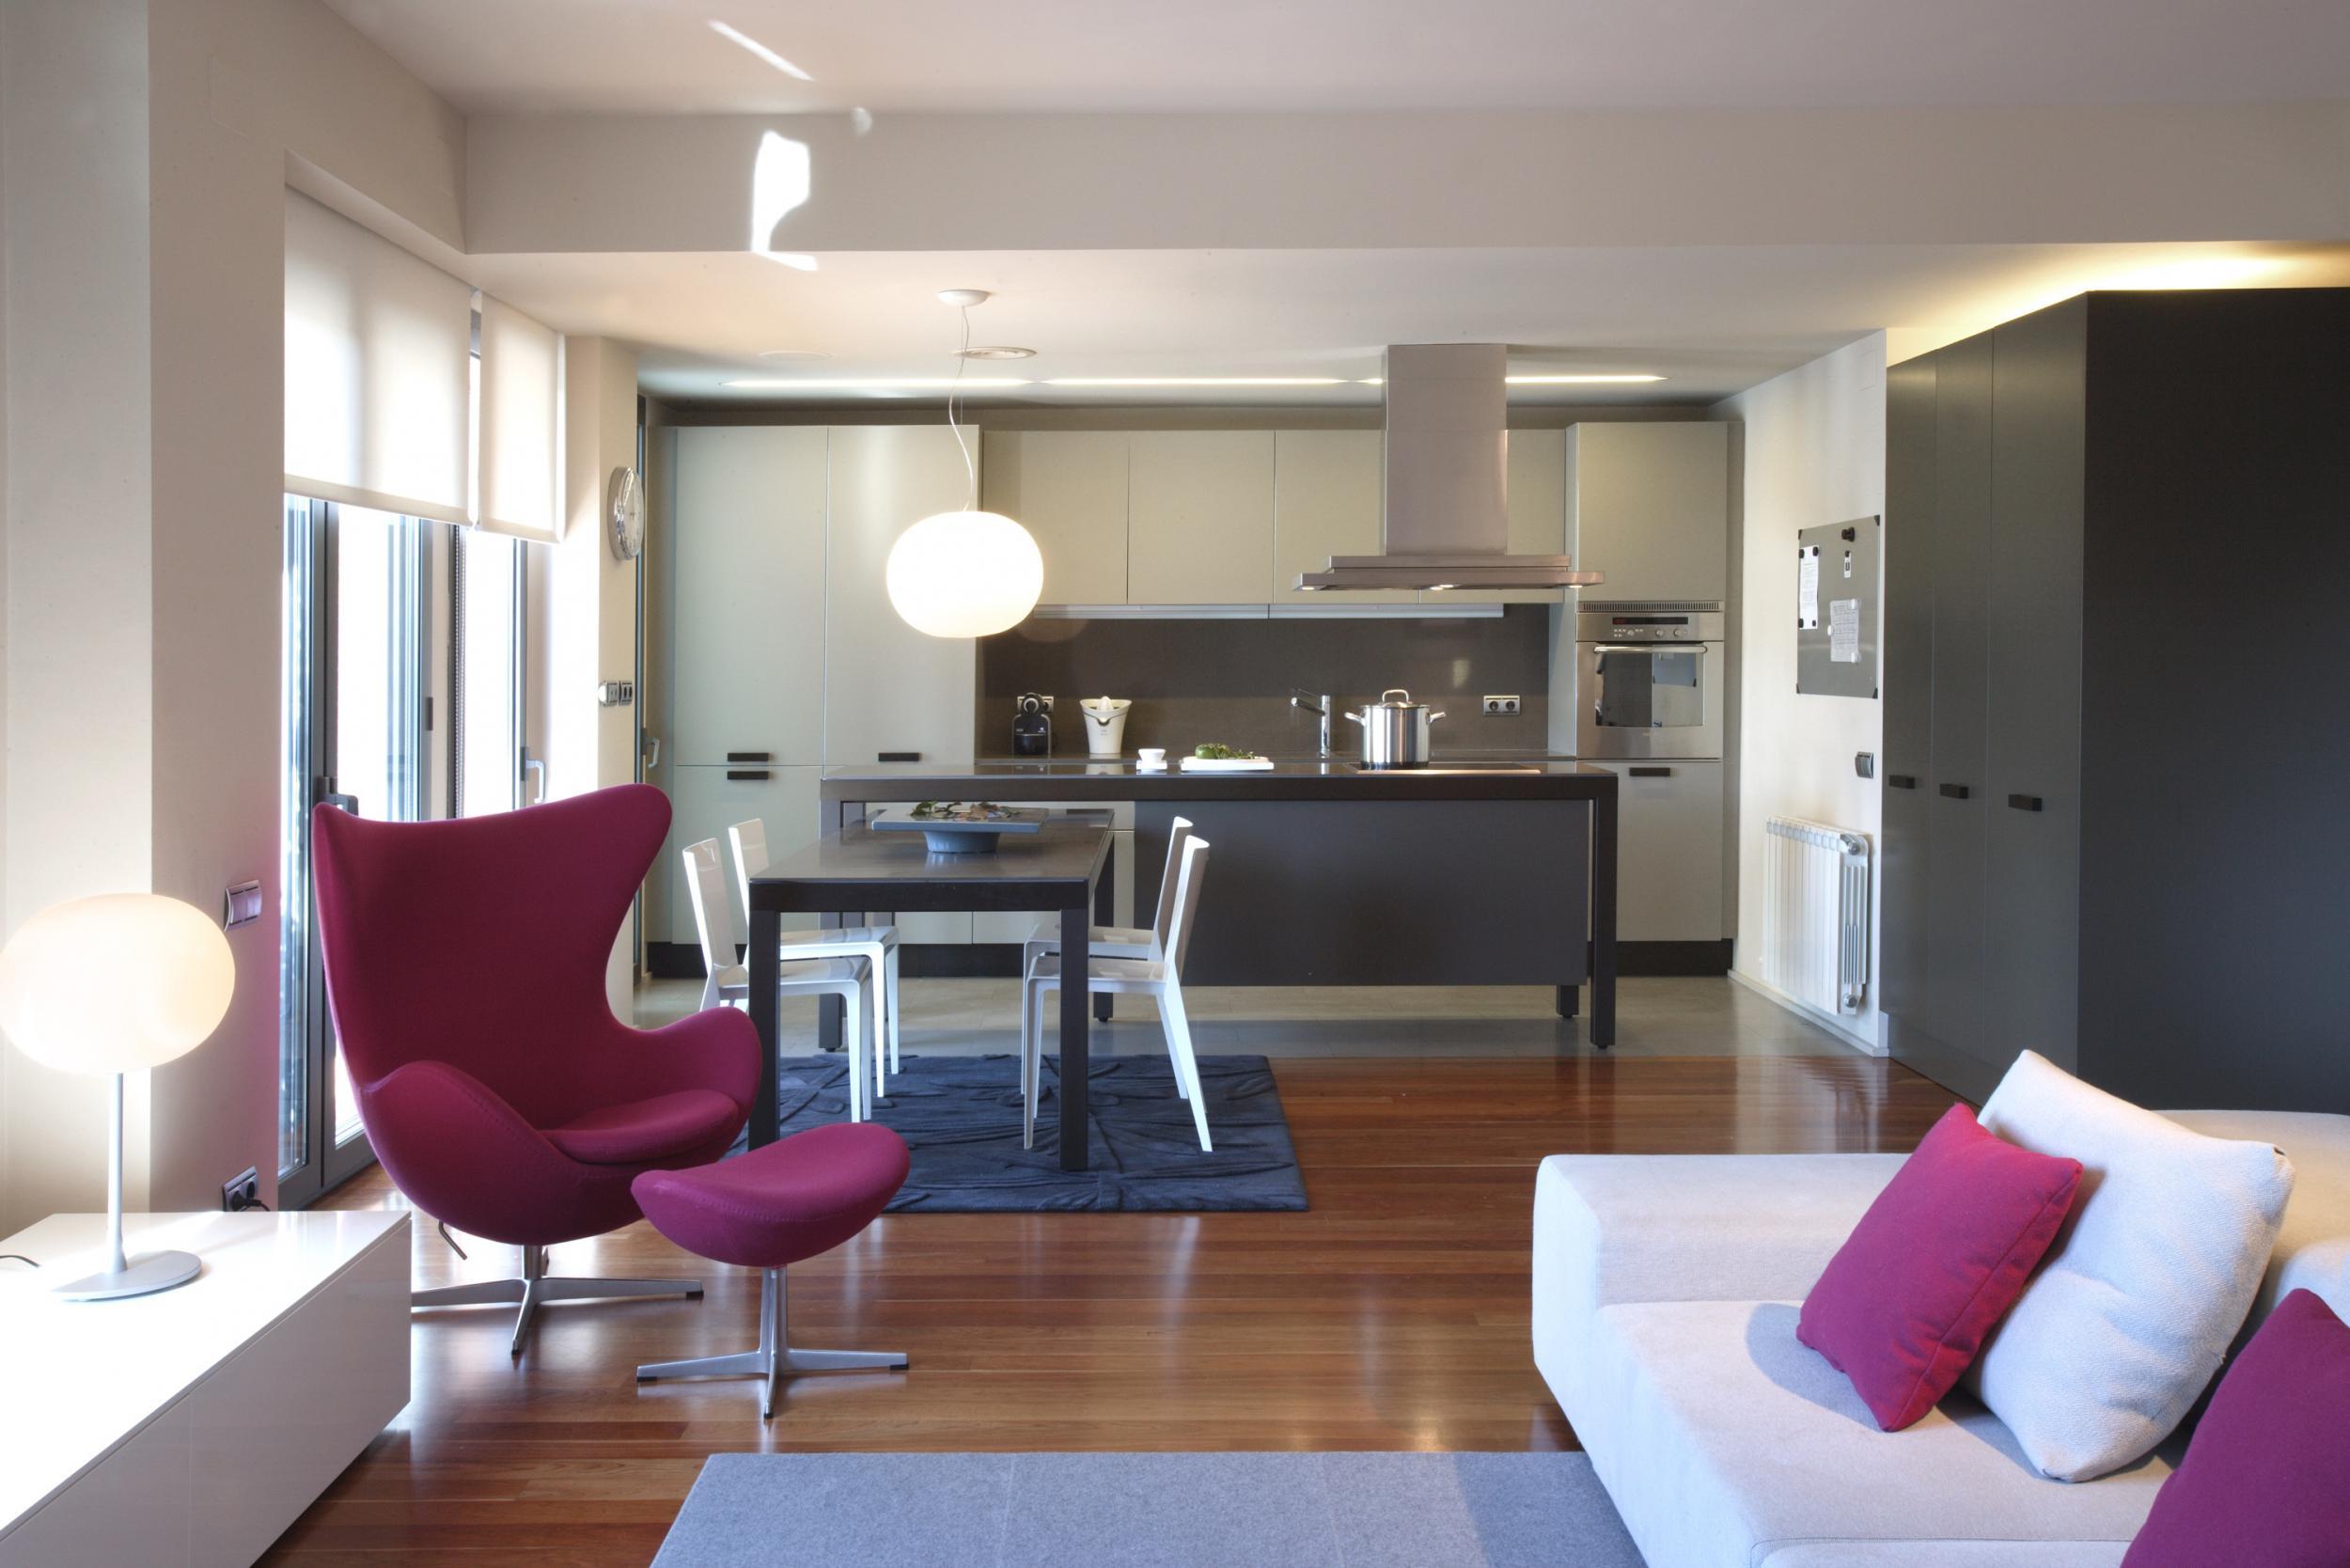 D plex luminoso en paseo bonanova vilablanch estudio de for Espacios interiores de casas